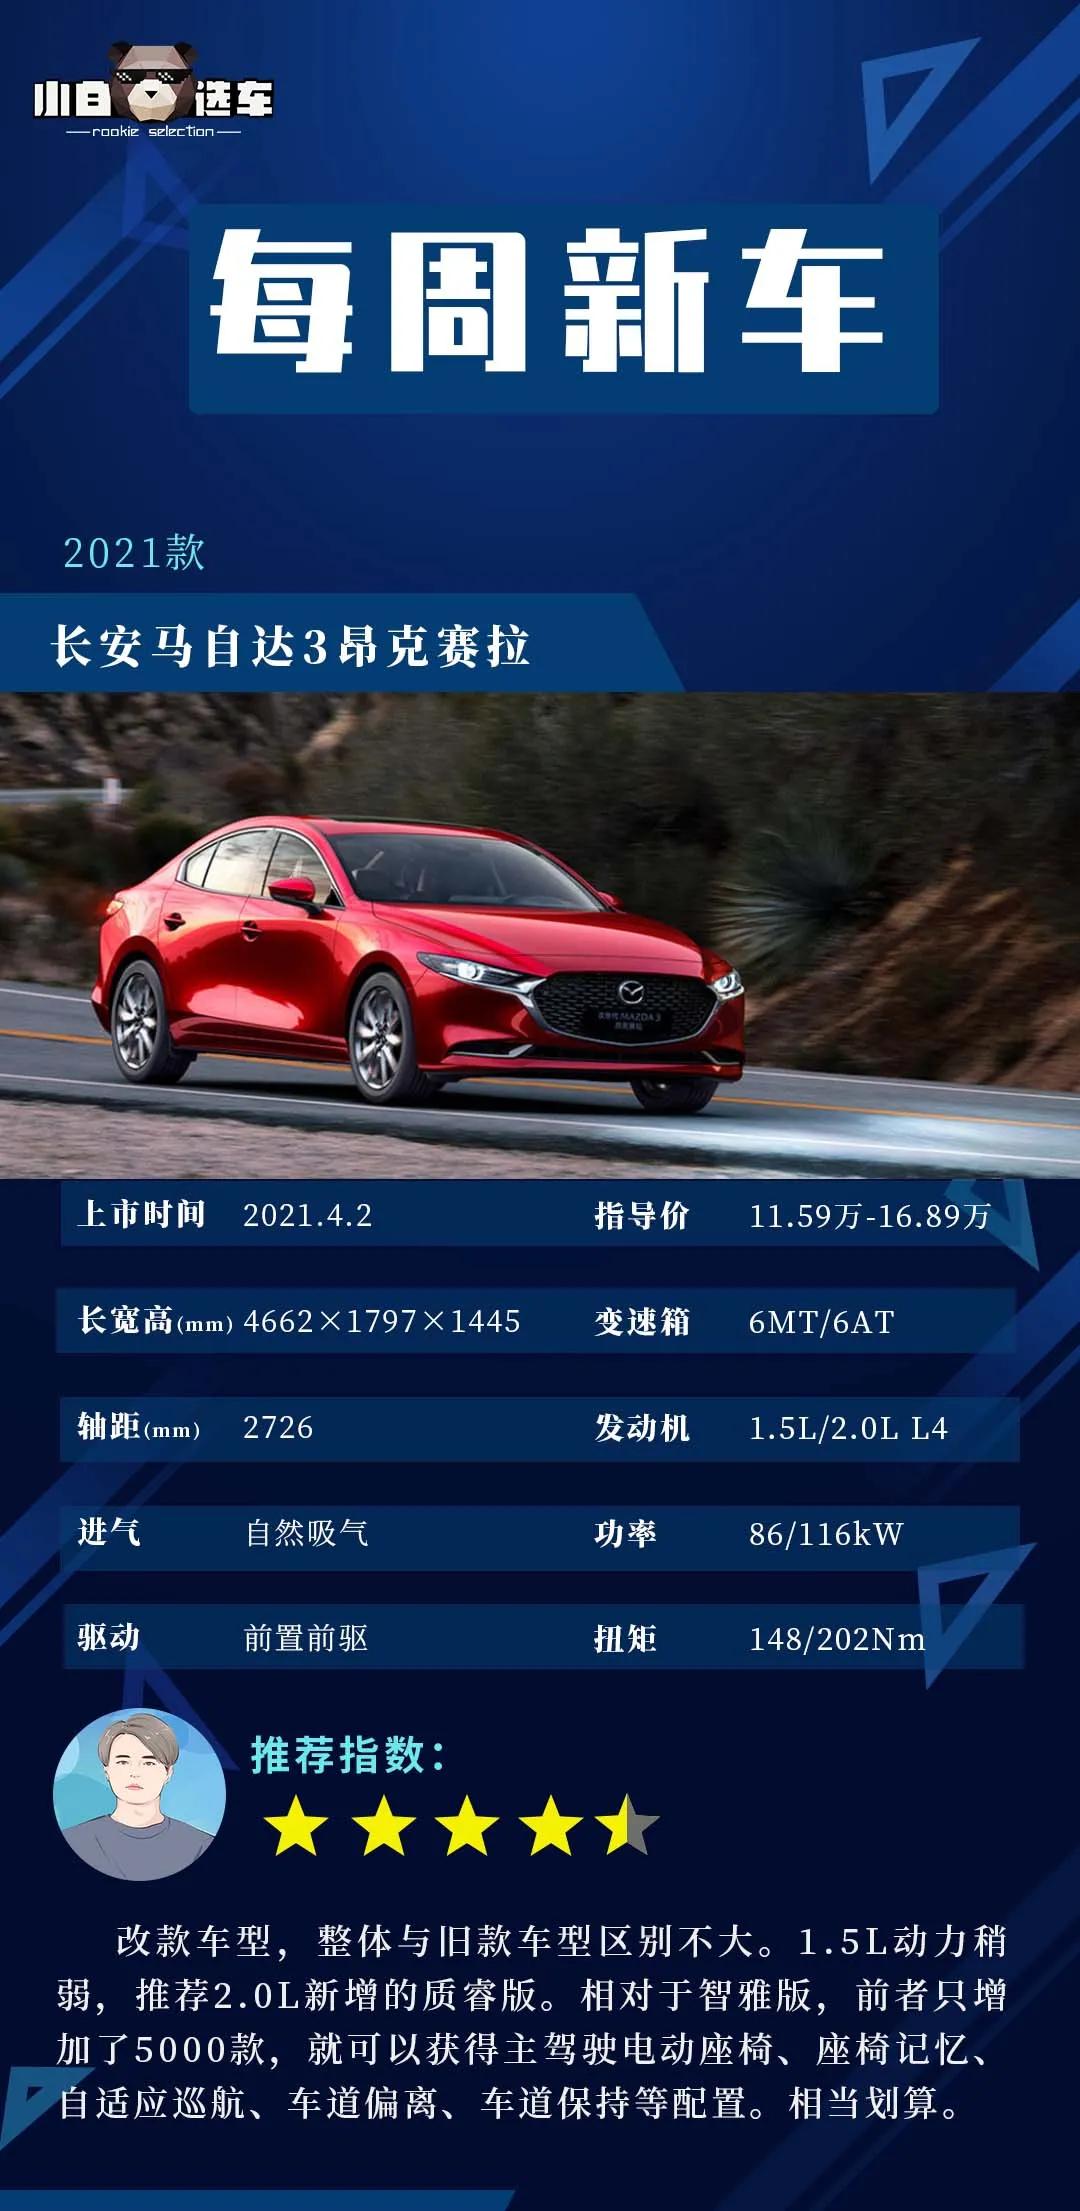 丰田牛魔王上市,同一款车,挂丰田标比挂宝马标还要贵?